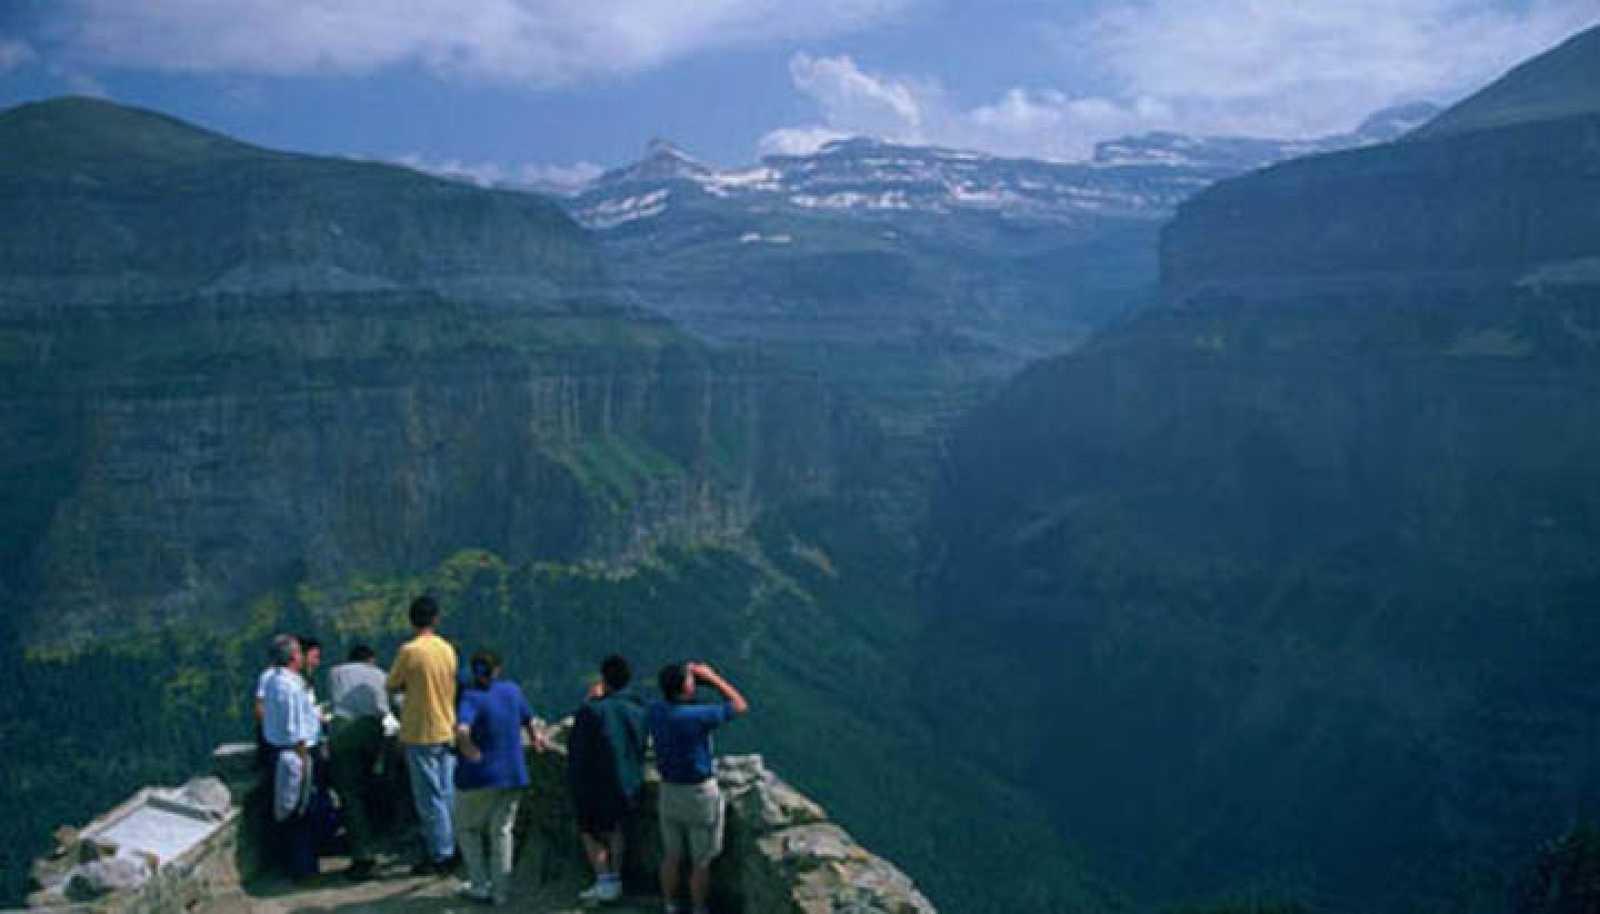 Uno de los miradores del Parque Nacional de Ordesa y Monte Perdido